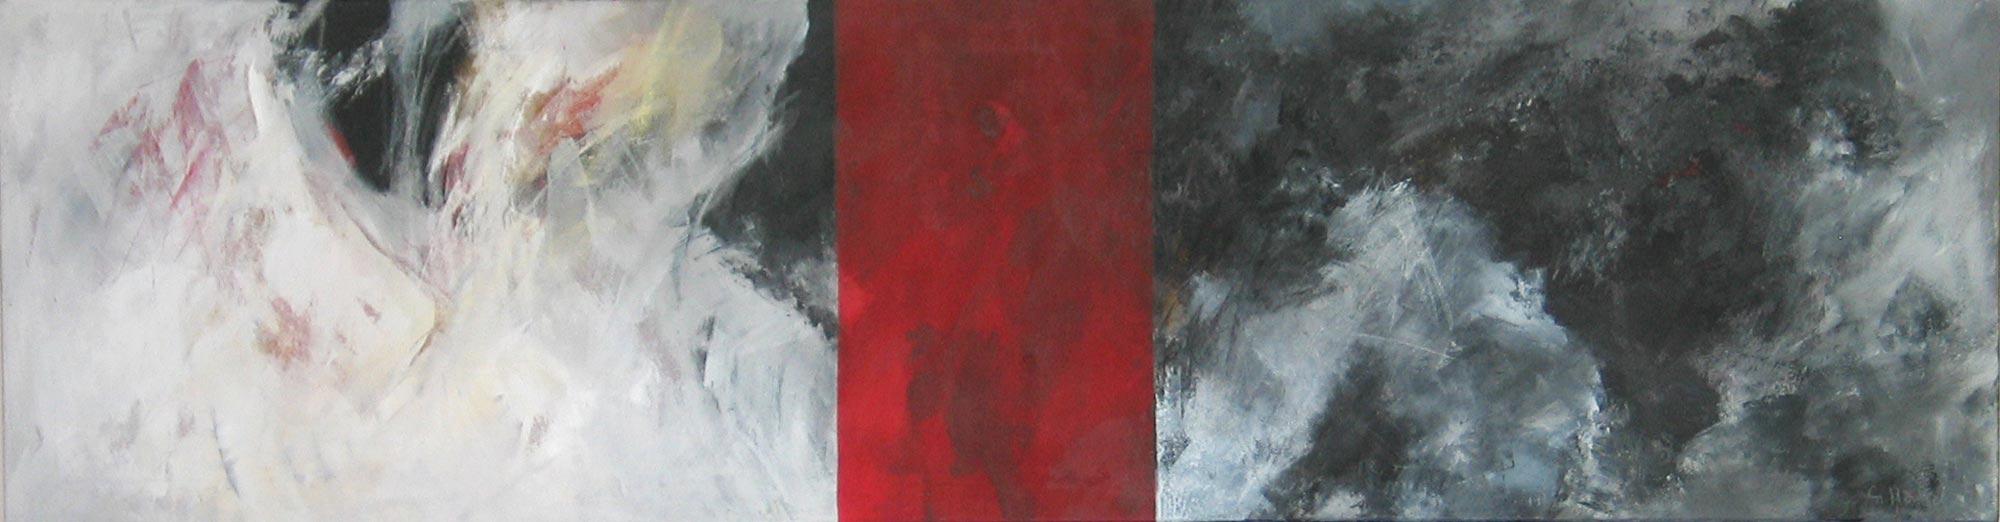 #200348 | Variationen zu einem Thema #8 | Acryl auf Leinwand | 40 x 150 cm